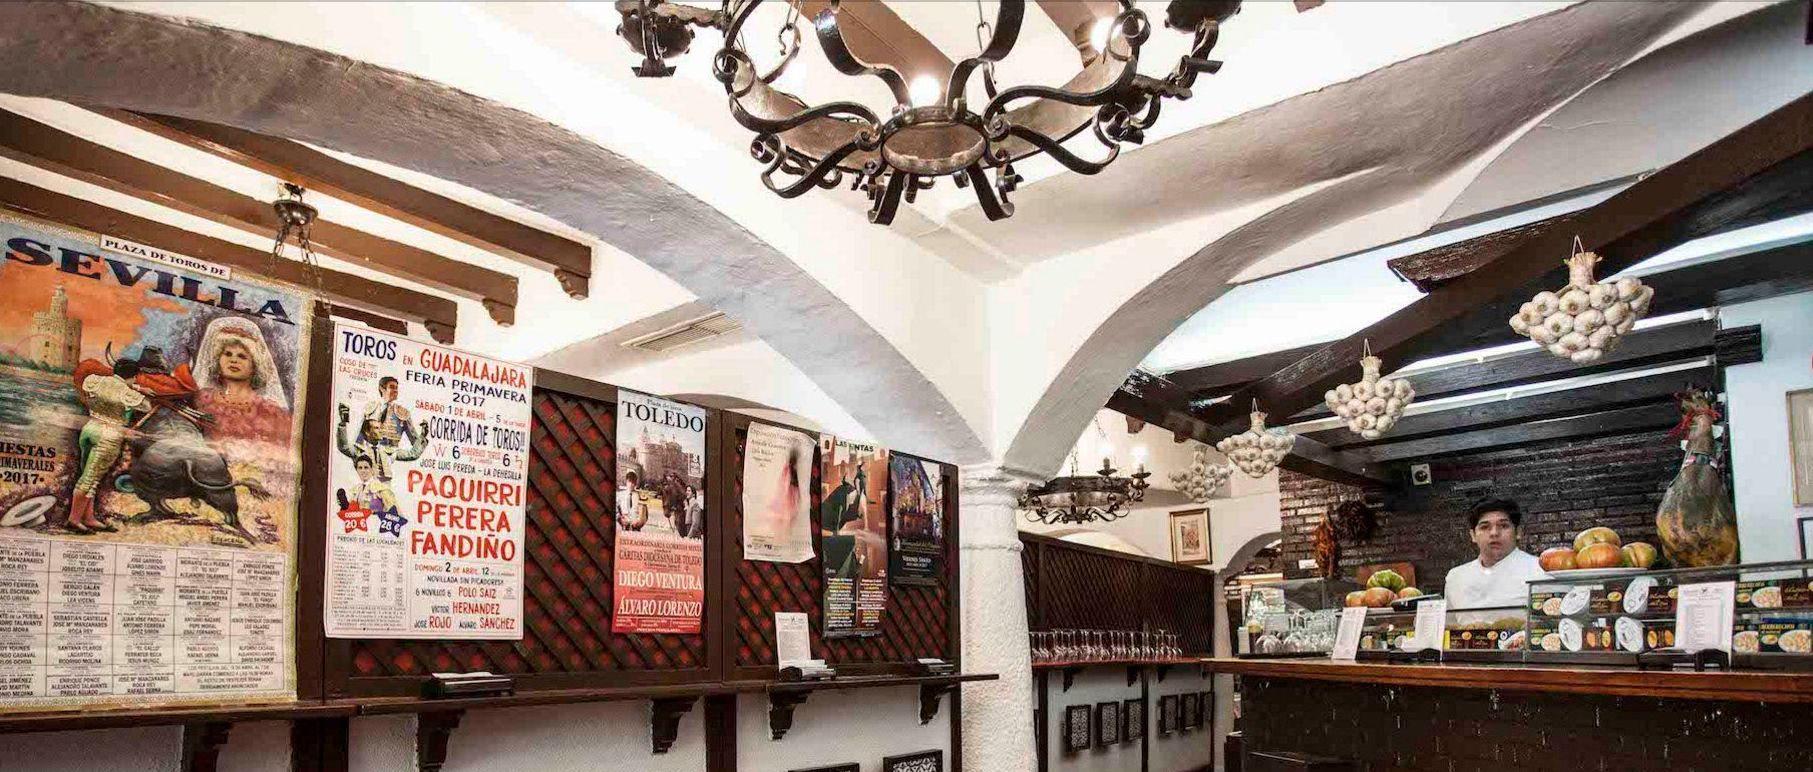 Foto 17 de Restaurante en Madrid | Restaurante Viña P